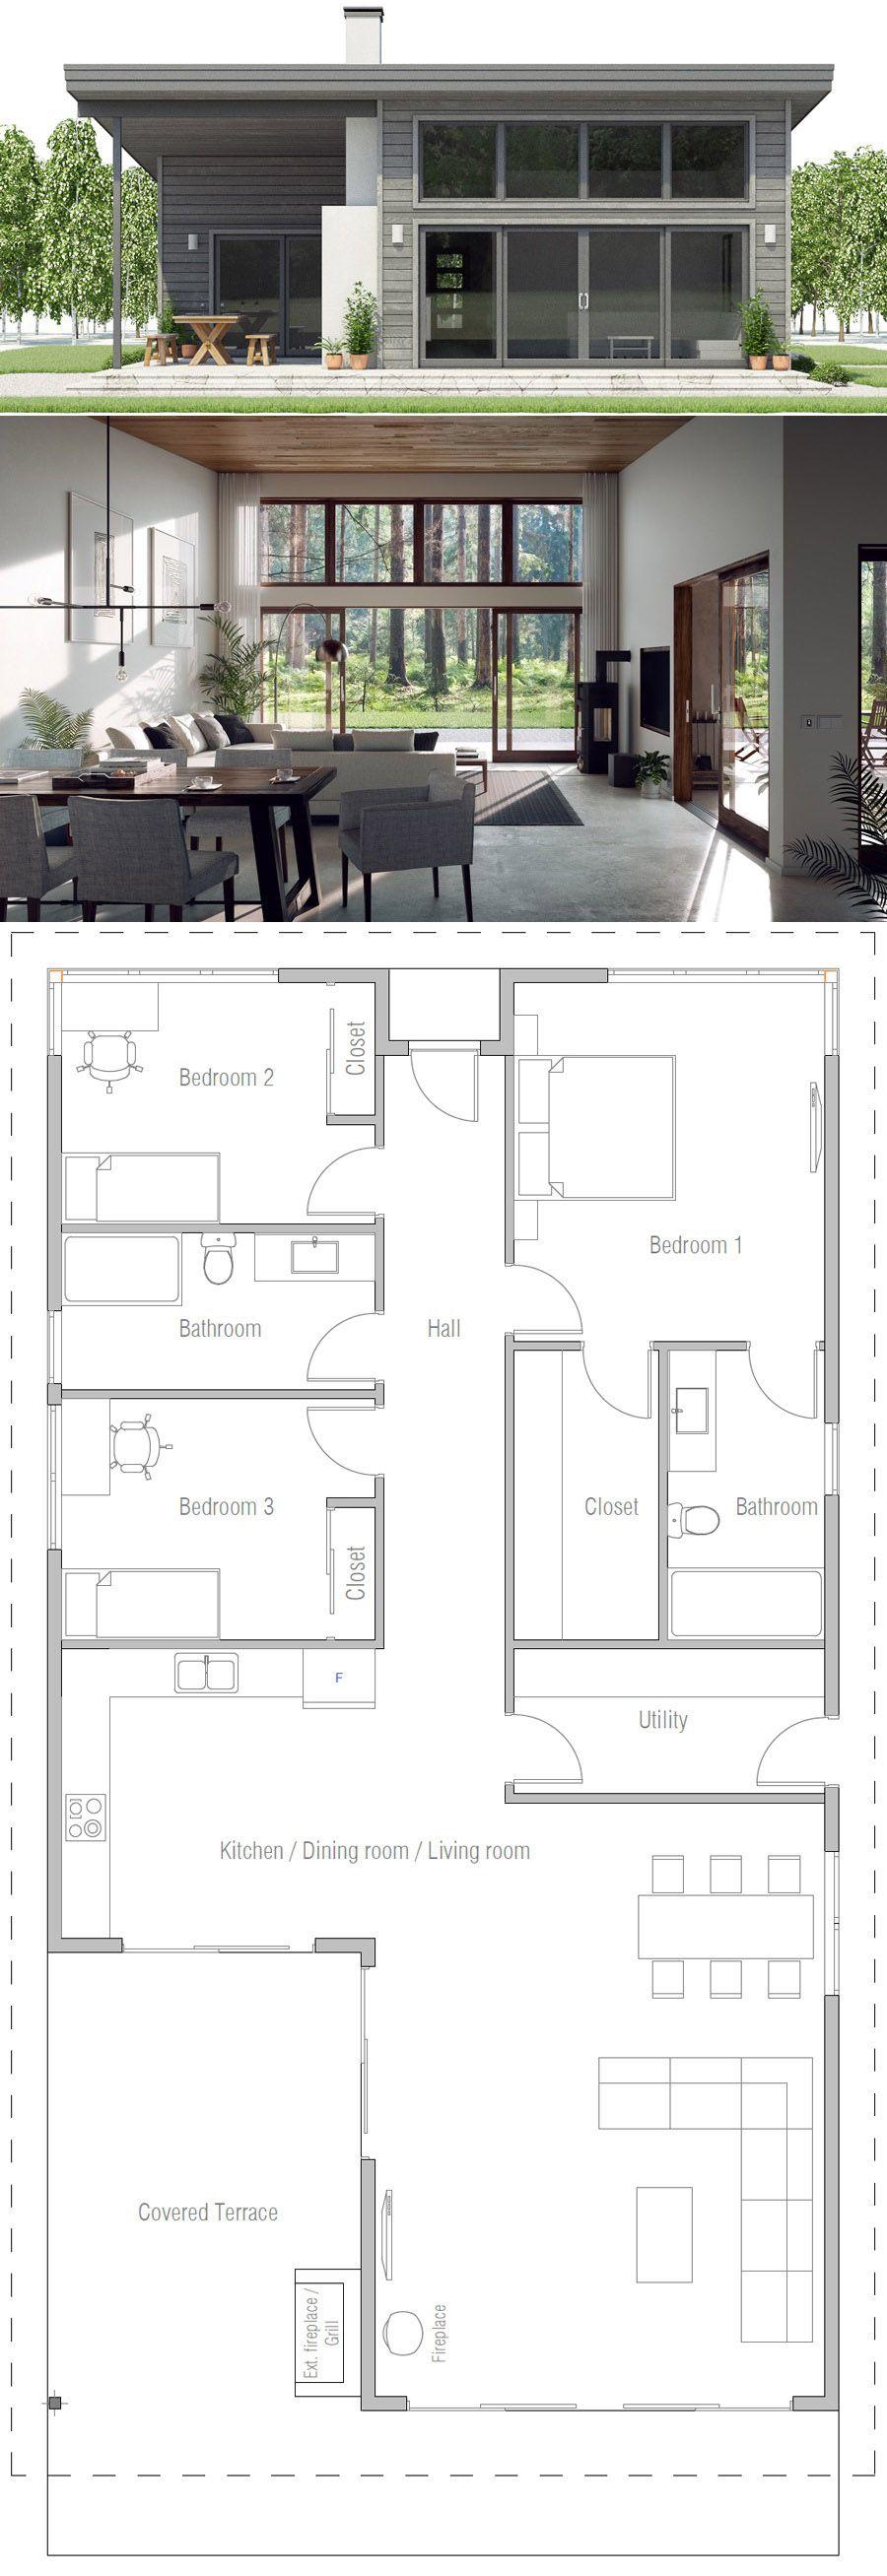 House designs home plans interior interiordesign homeplans floorplans architecture adhouseplans newhomeplan furnituredesigns also rh pinterest